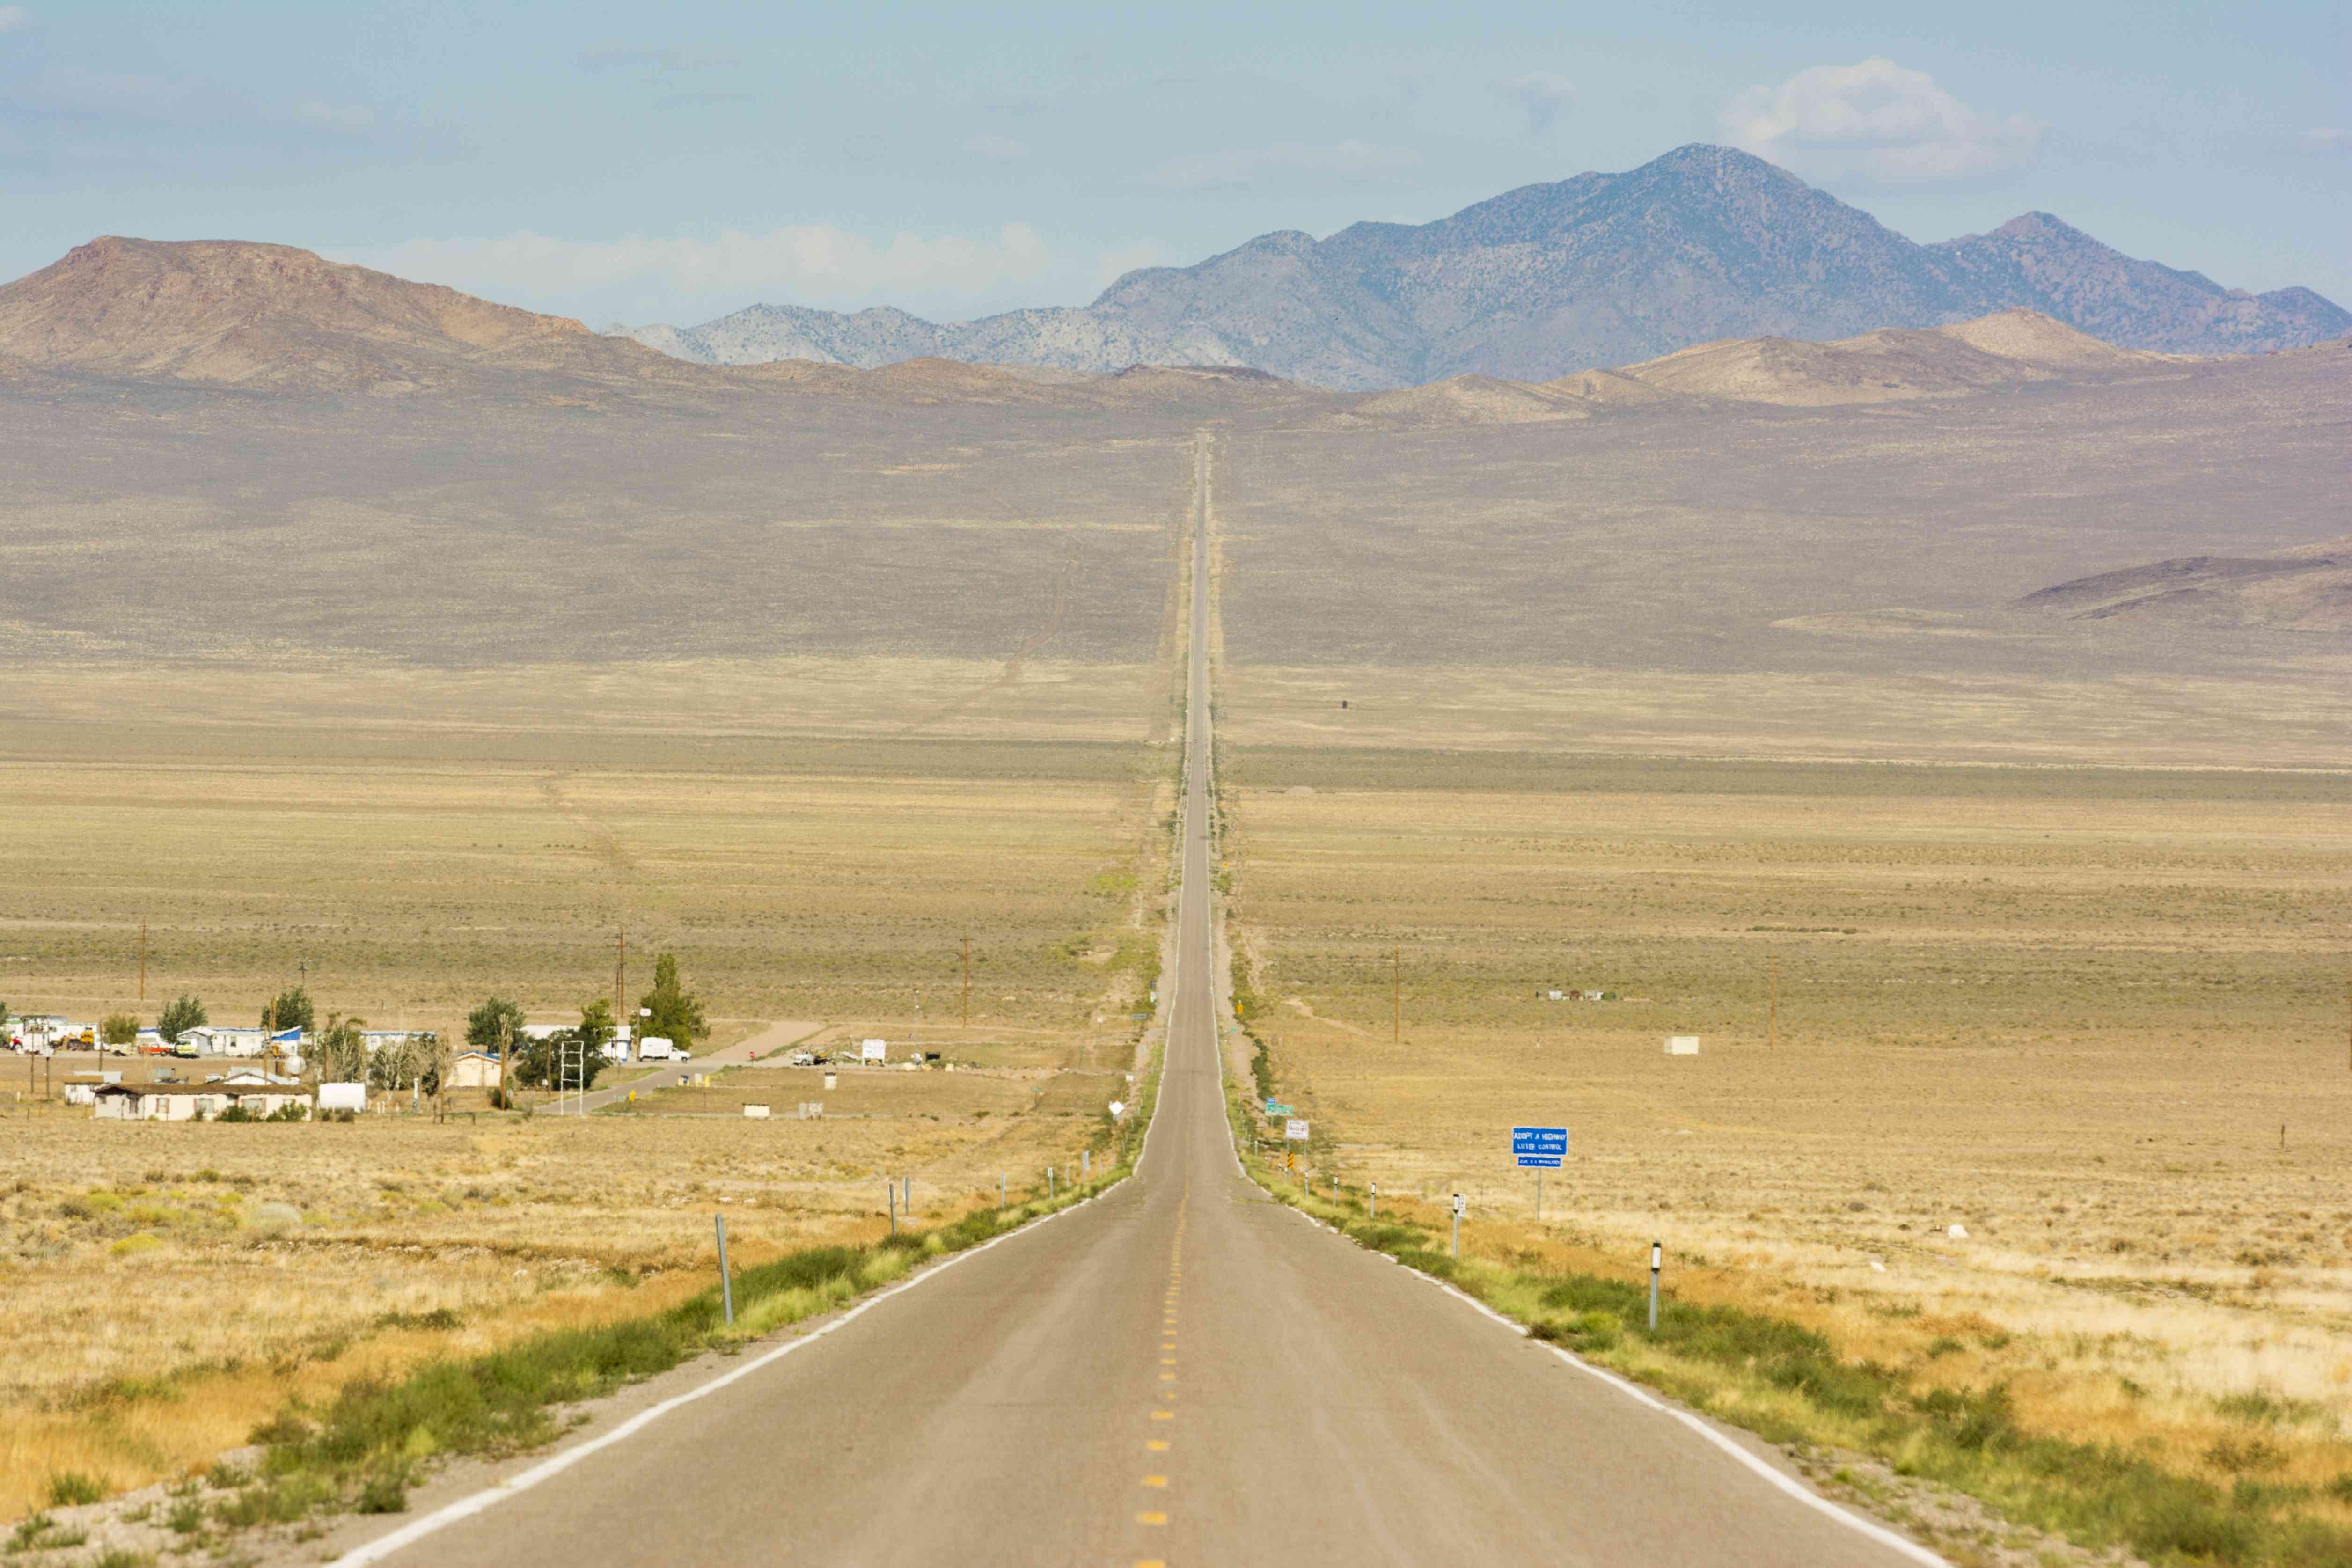 Route 50 cutting a path through the desert, toward mountains